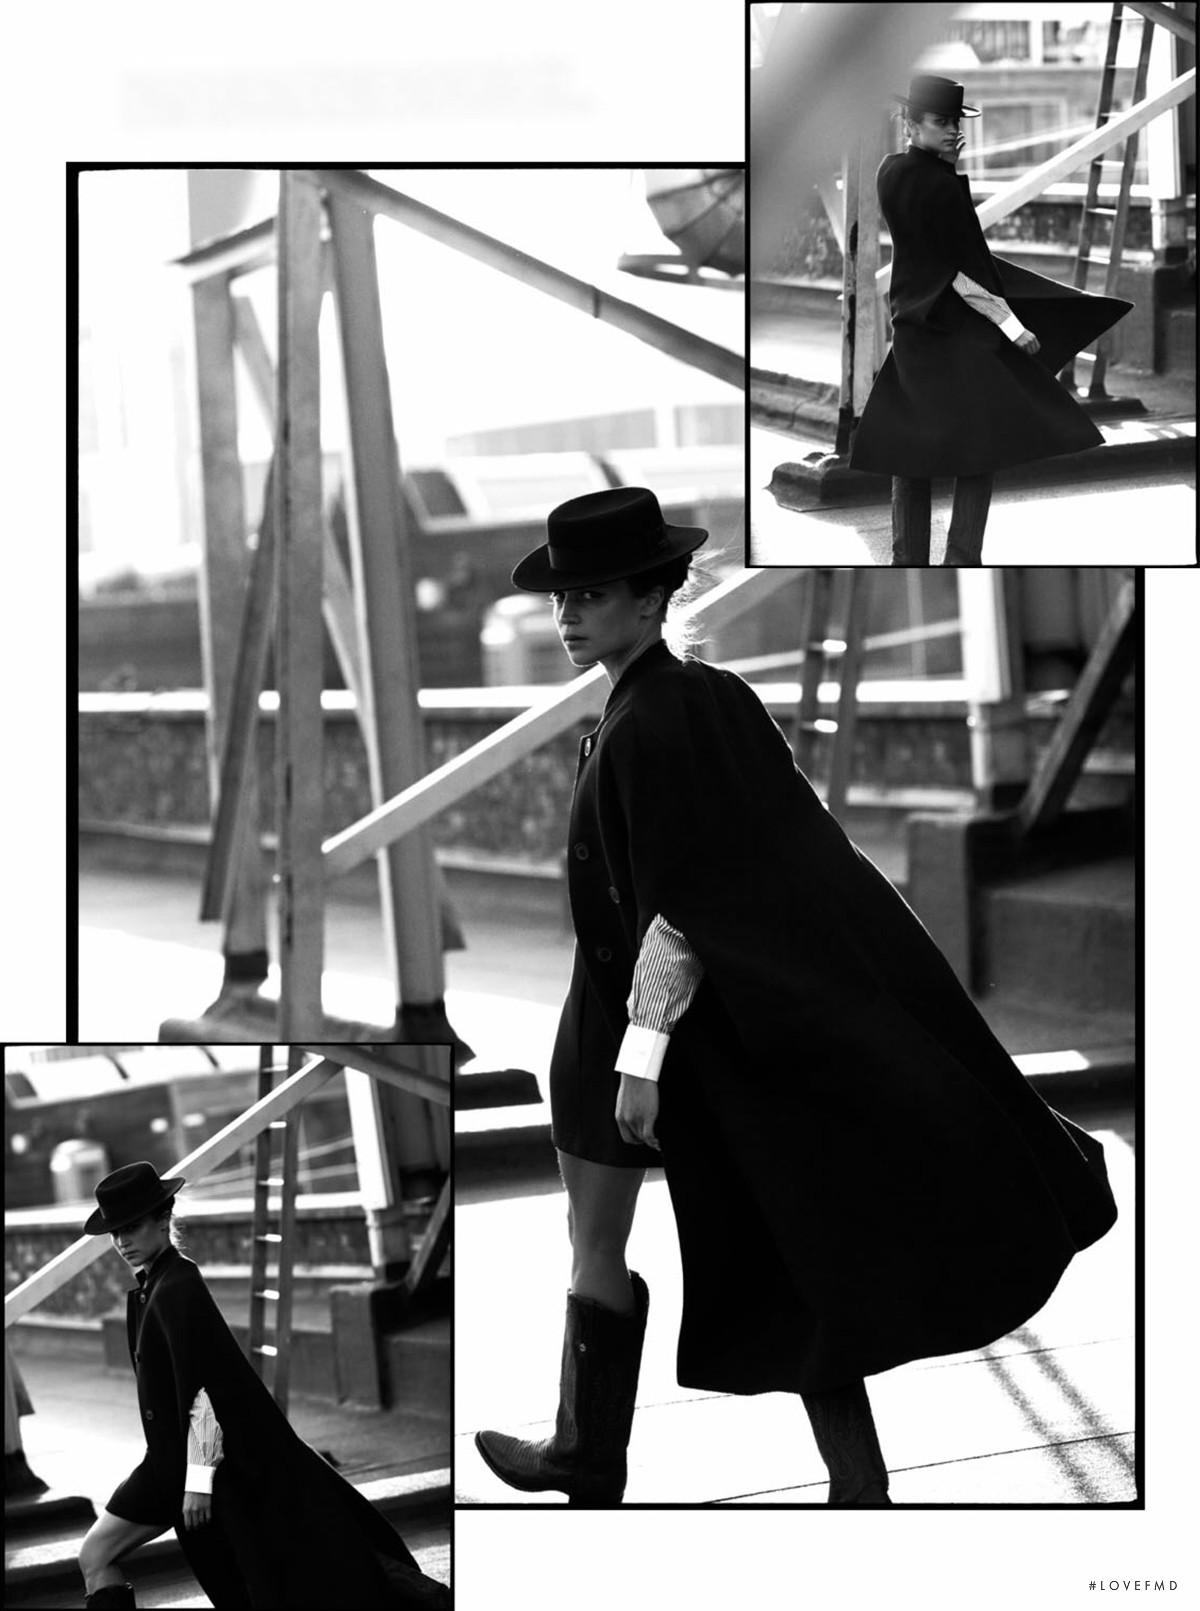 Алисия Викандер в фотосессии Elle UK (апрель 2018) - модный образ в пальто, шляпе и ковбойских сапогах